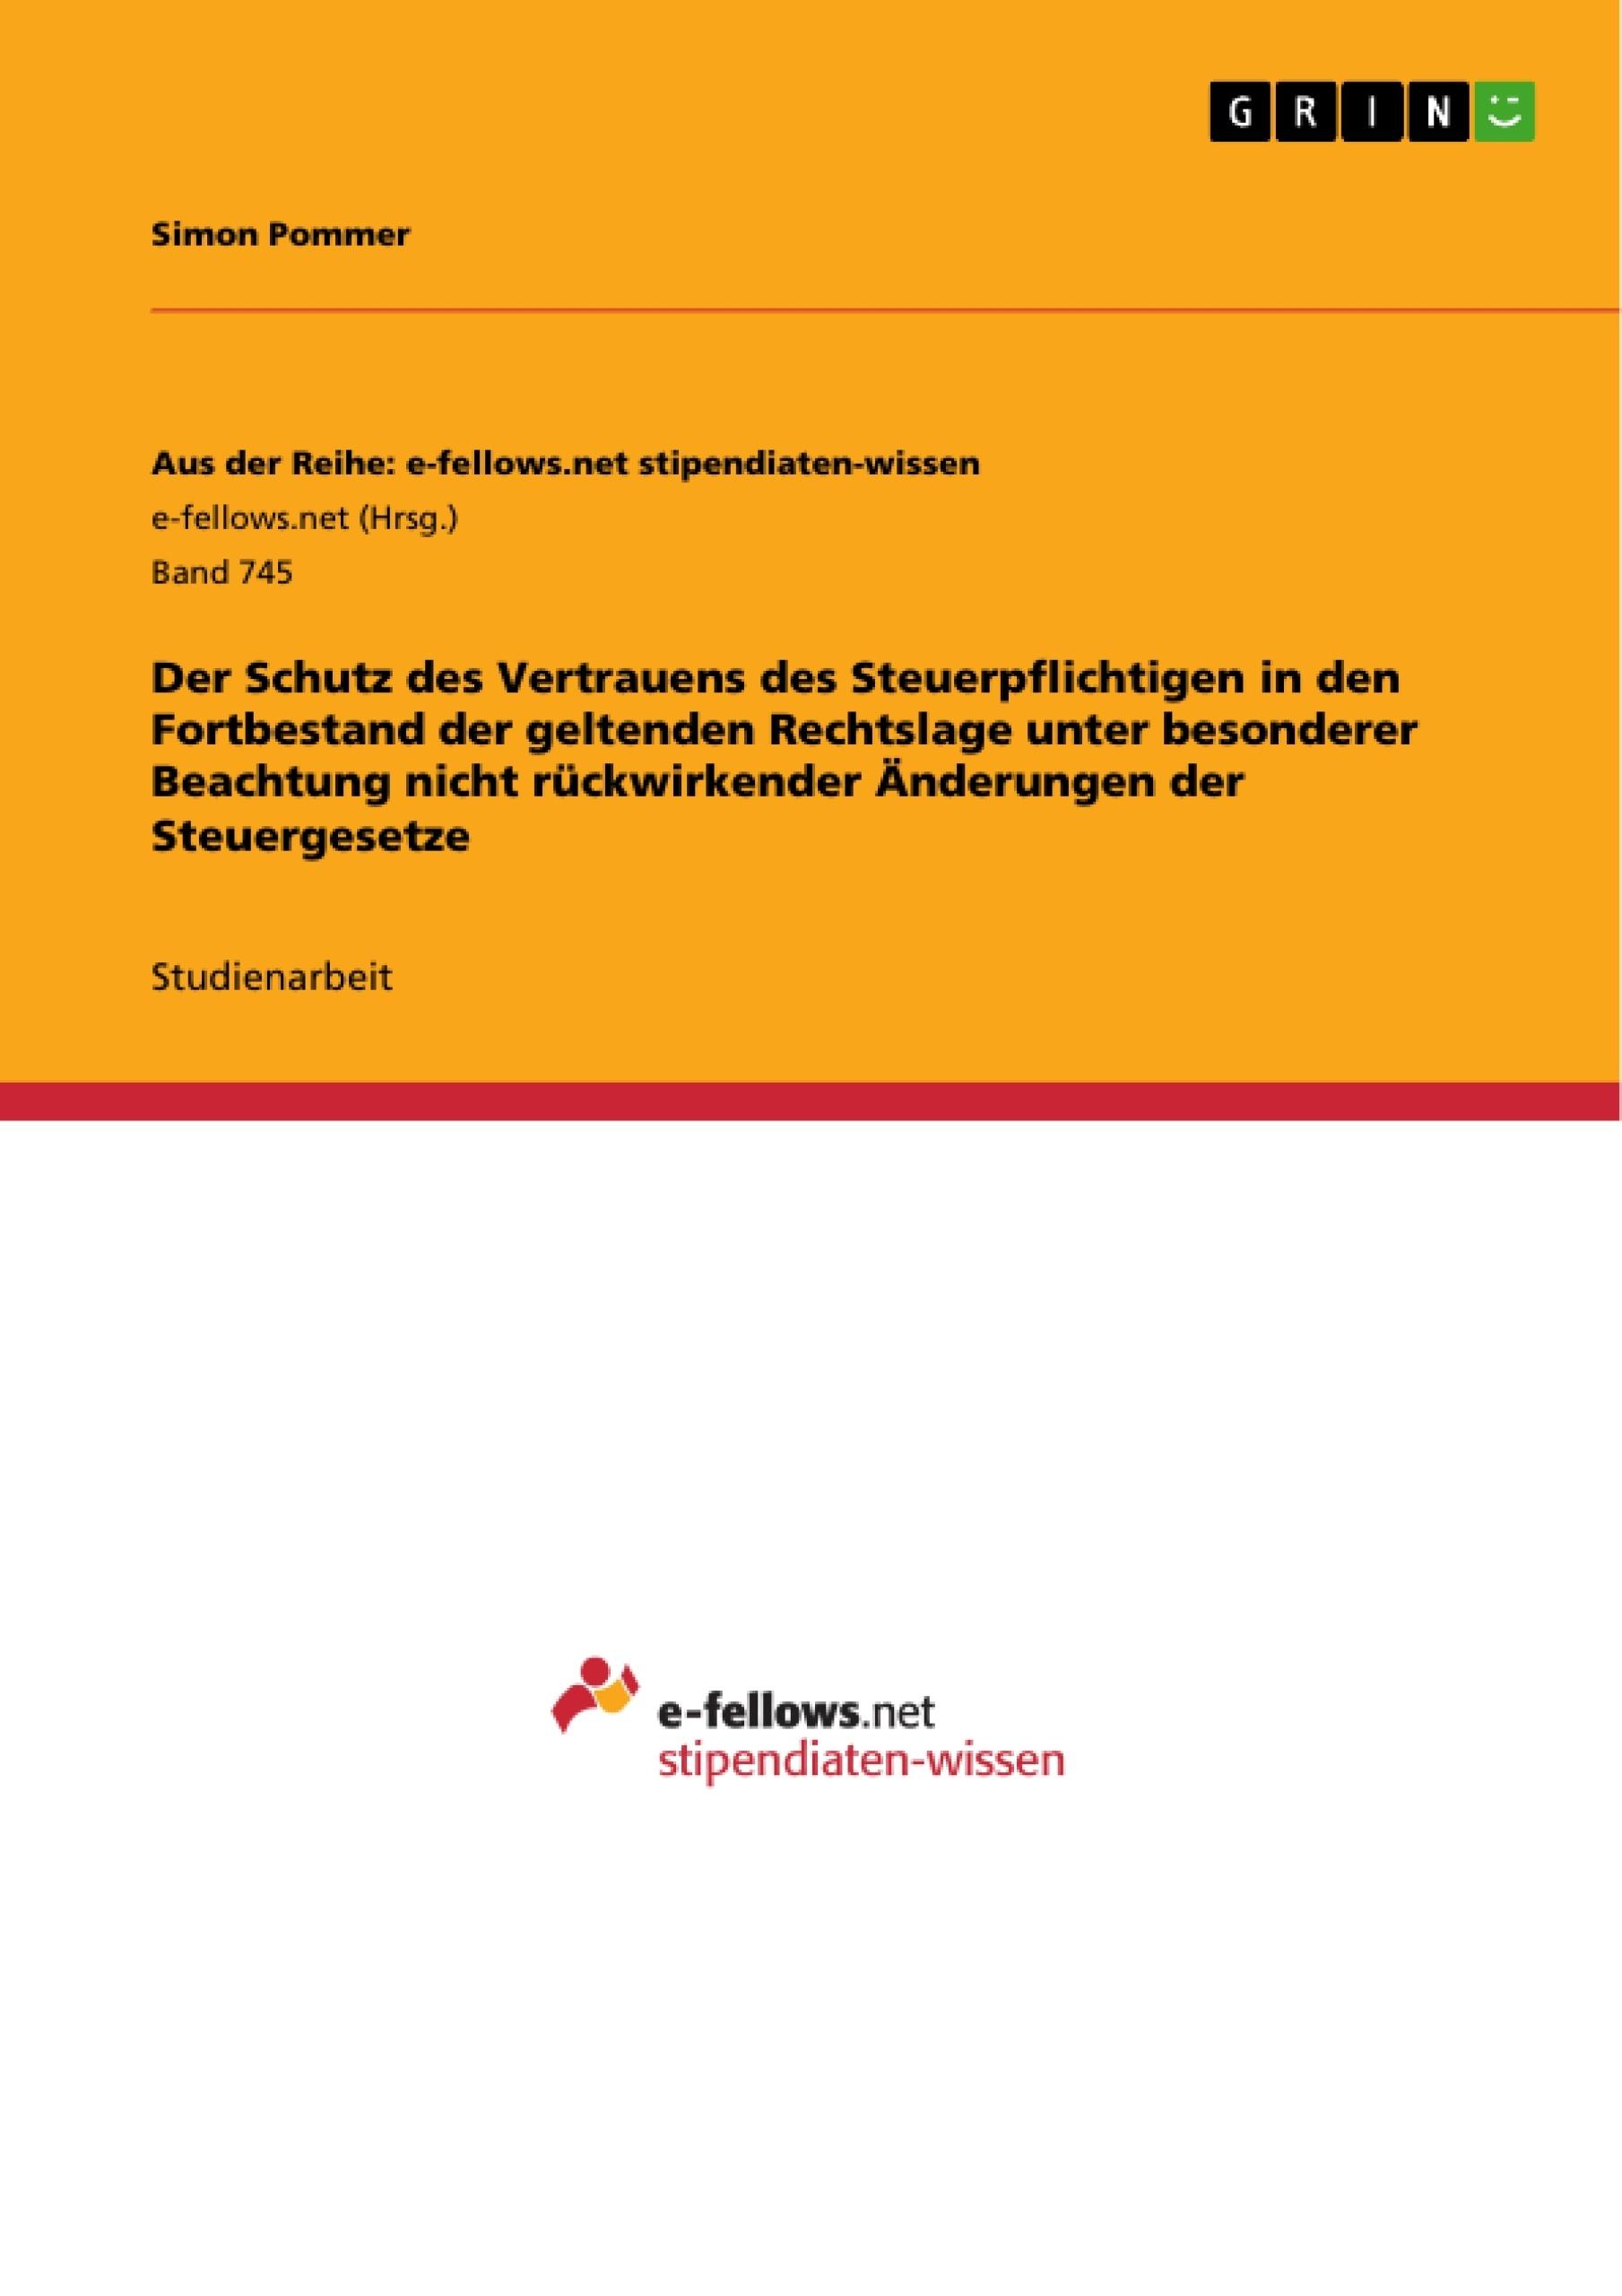 Titel: Der Schutz des Vertrauens des Steuerpflichtigen in den Fortbestand der geltenden Rechtslage unter besonderer Beachtung nicht rückwirkender Änderungen der Steuergesetze